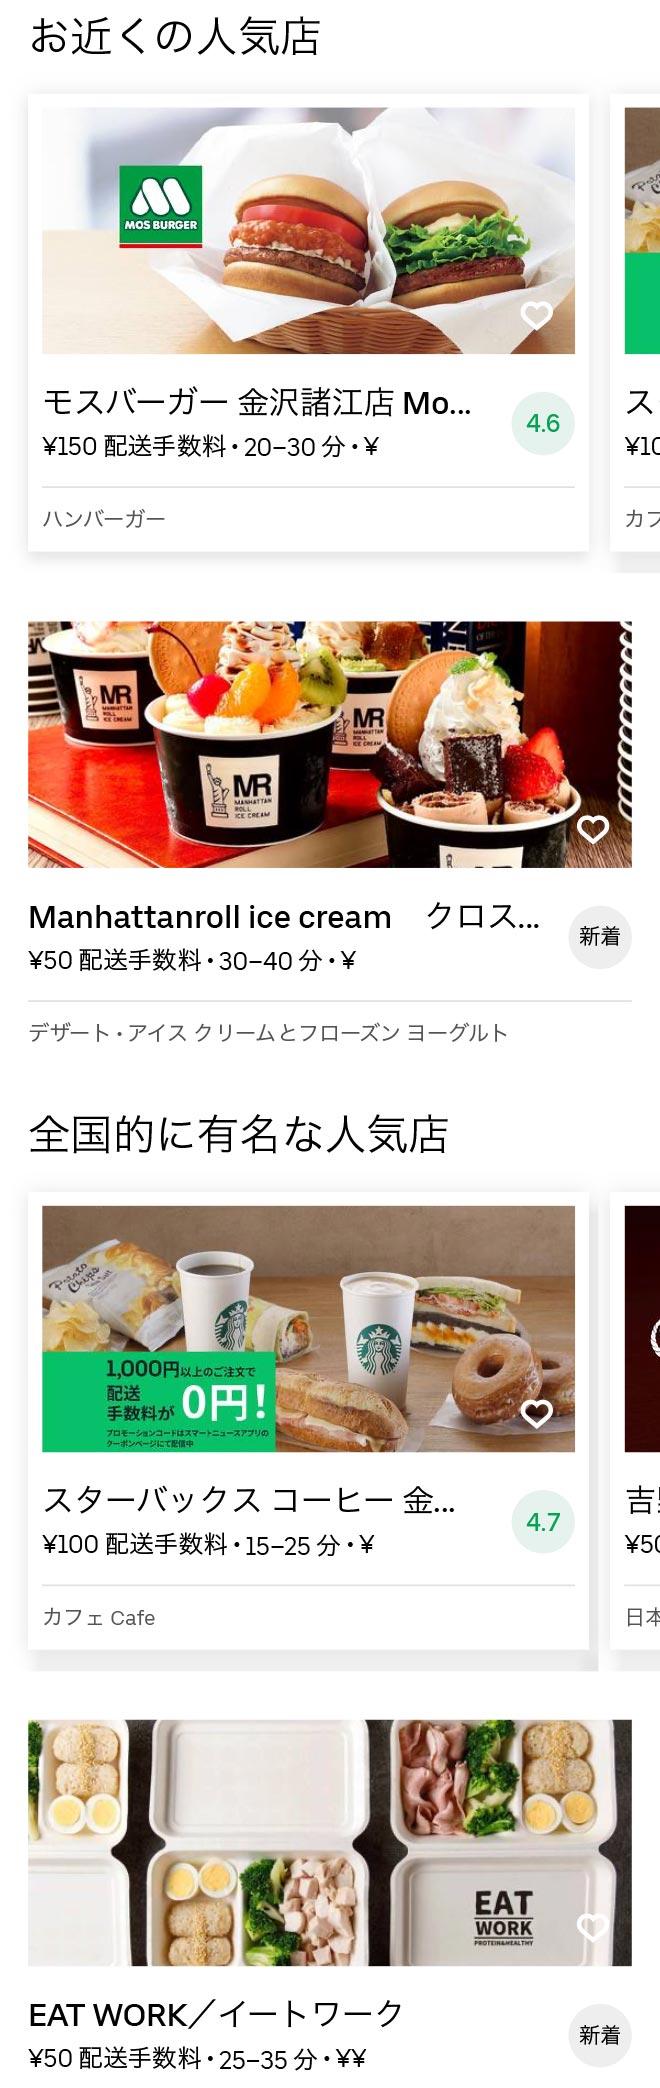 Kanazawa menu 2009 01